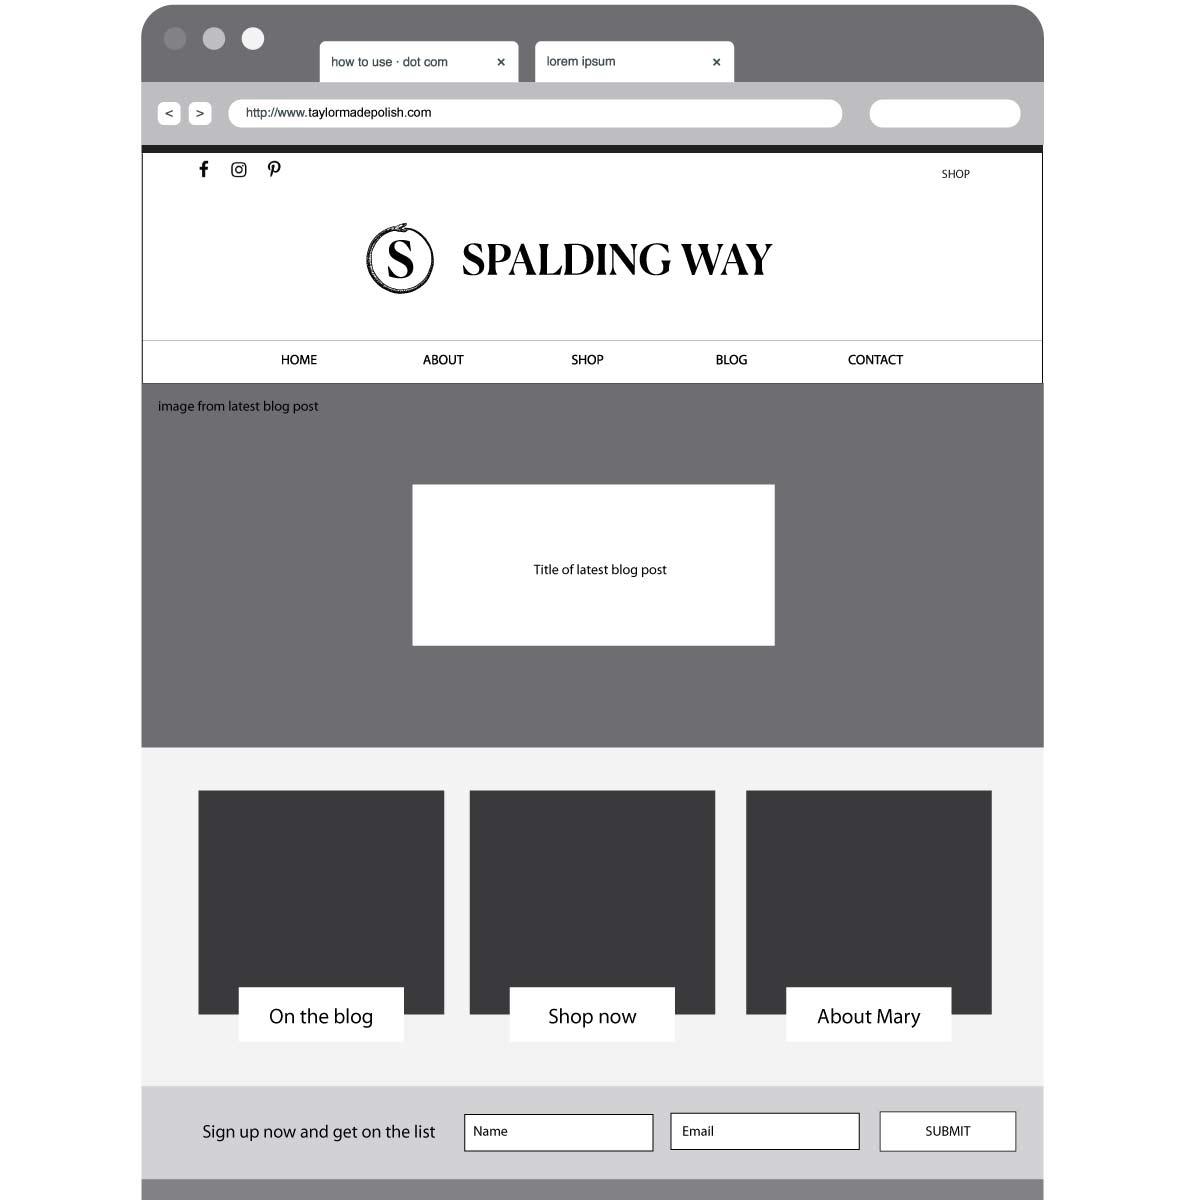 Spalding Way Wireframe Home Page | Katie Williamsen LLC